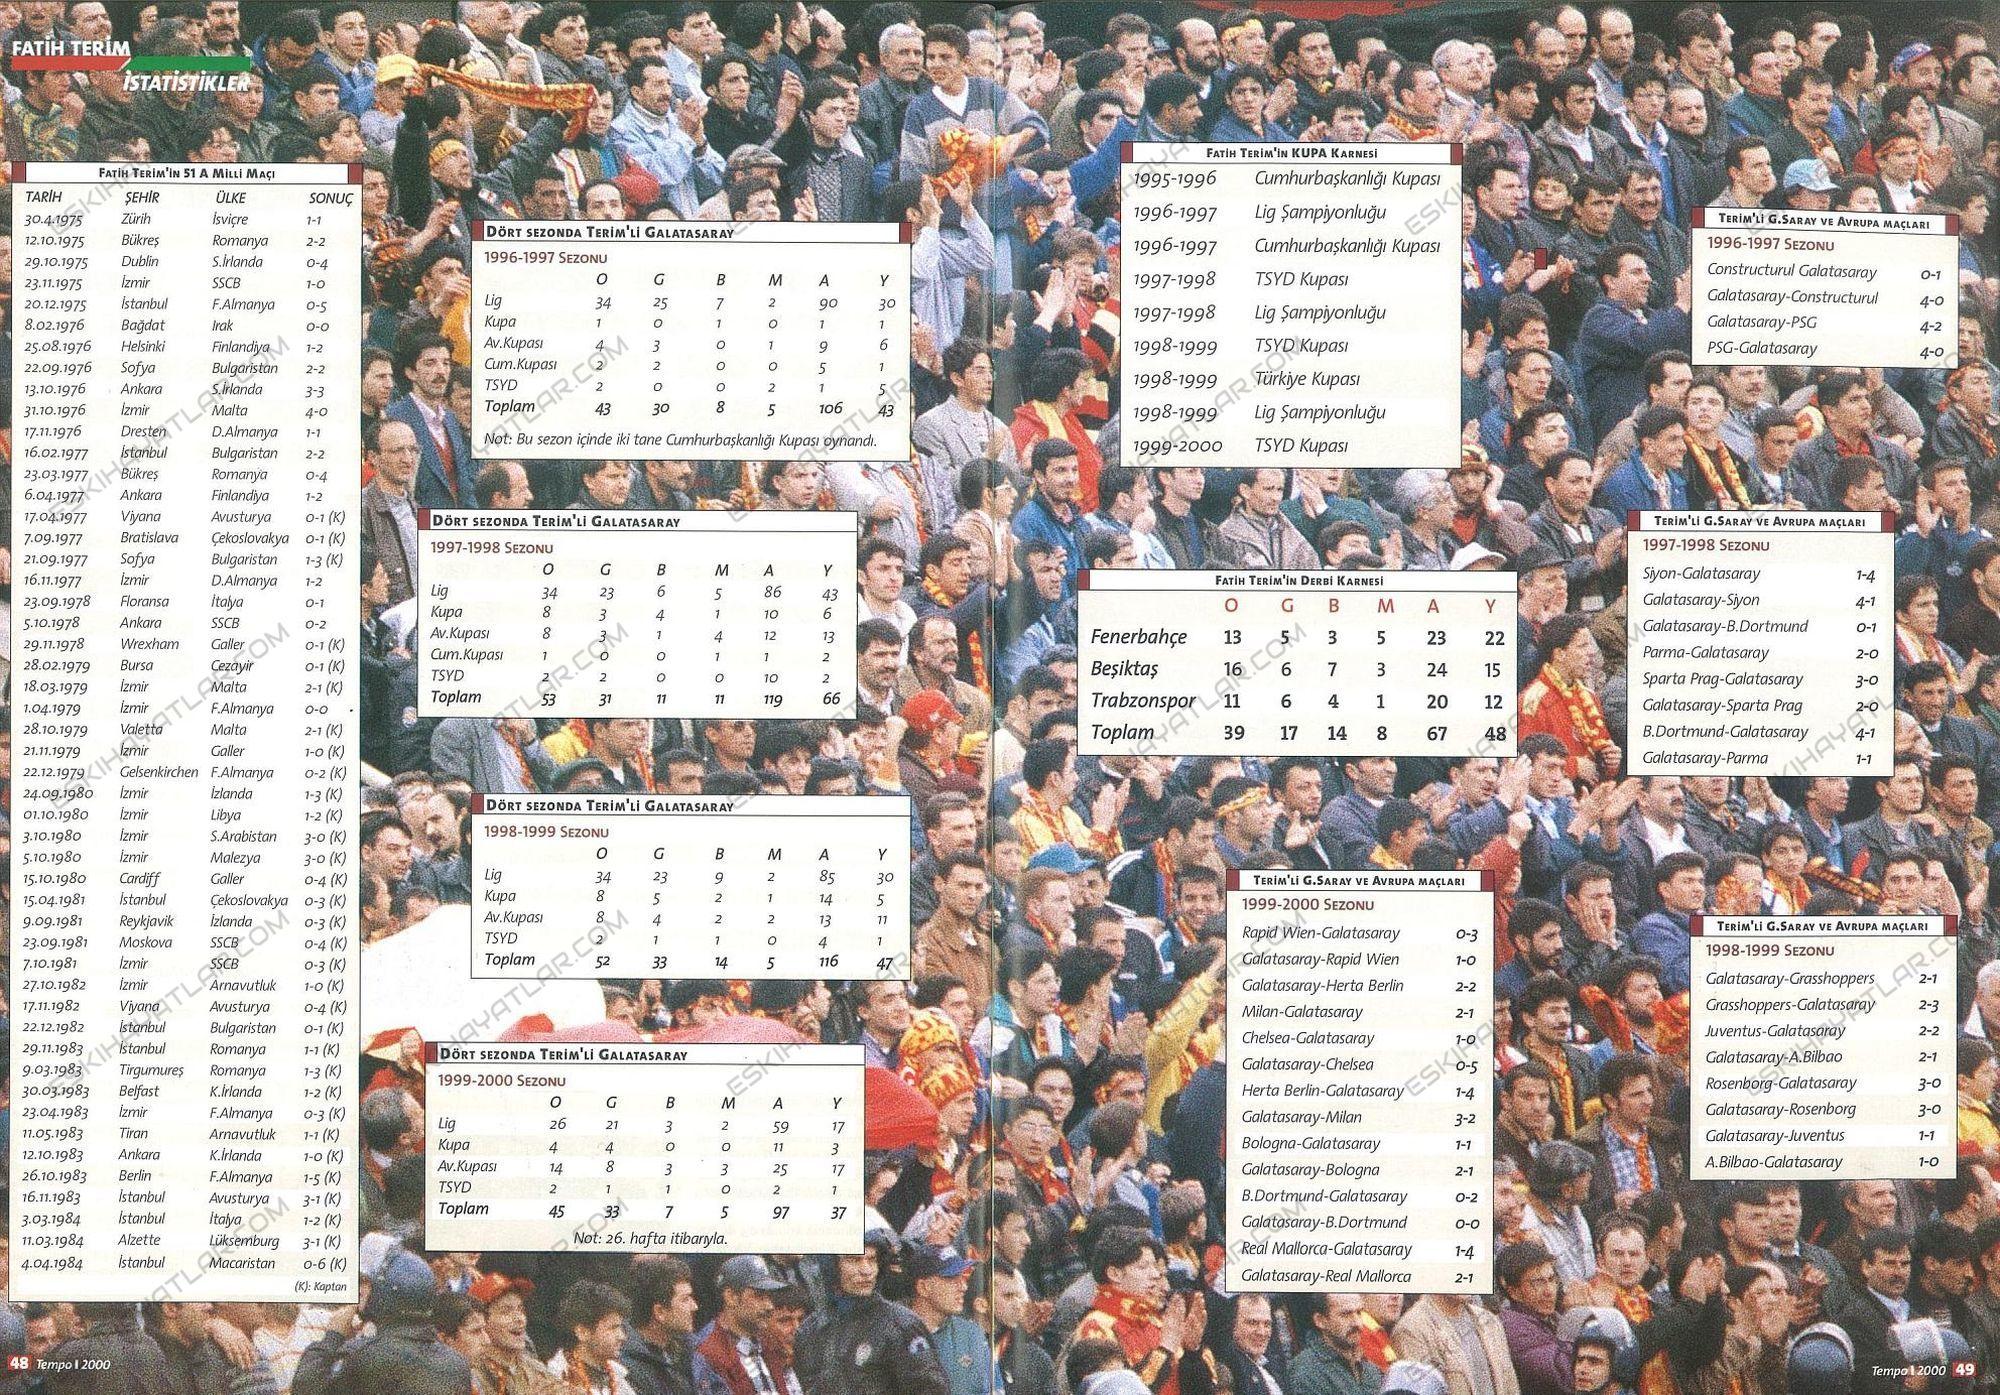 fatih-terim-fotograflari-fatih-terim-futbol-kariyeri-2000-yili-tempo-dergisi-arsivleri (31)